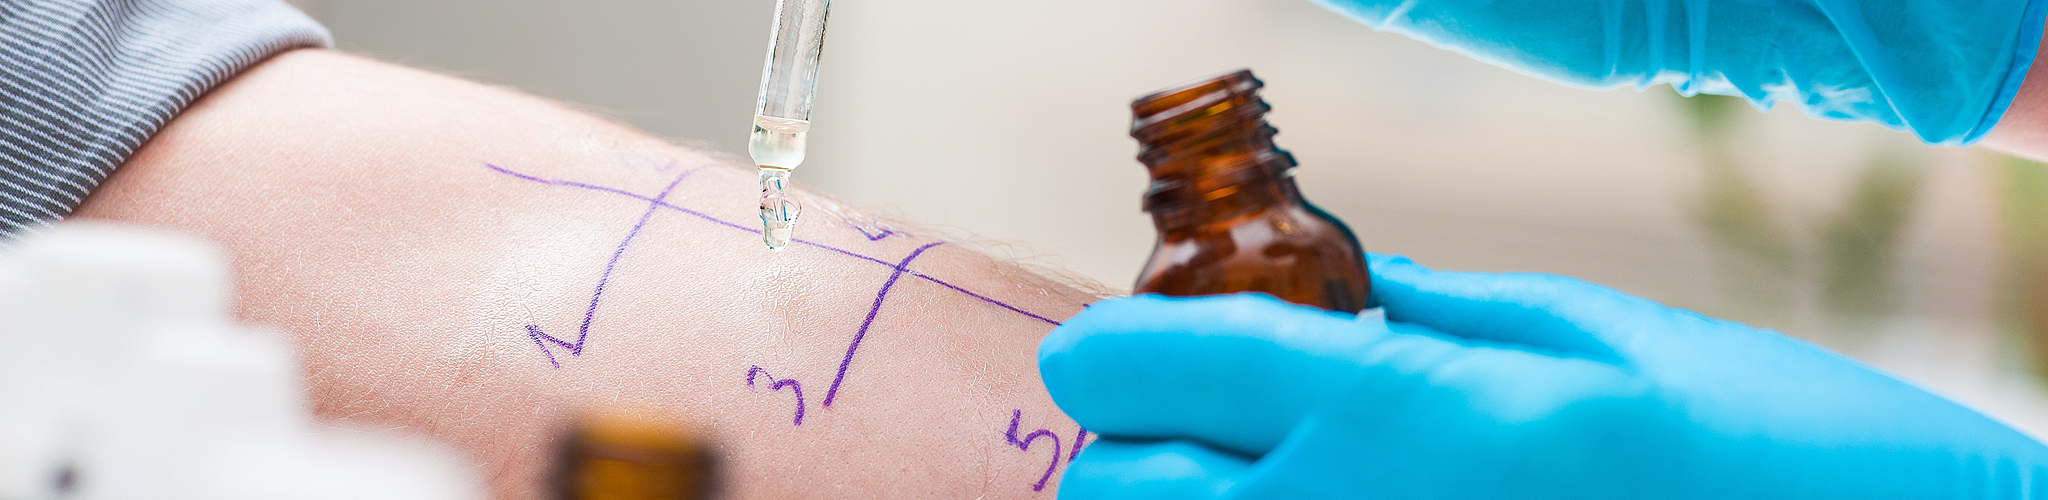 Allergietest auf einem Unterarm